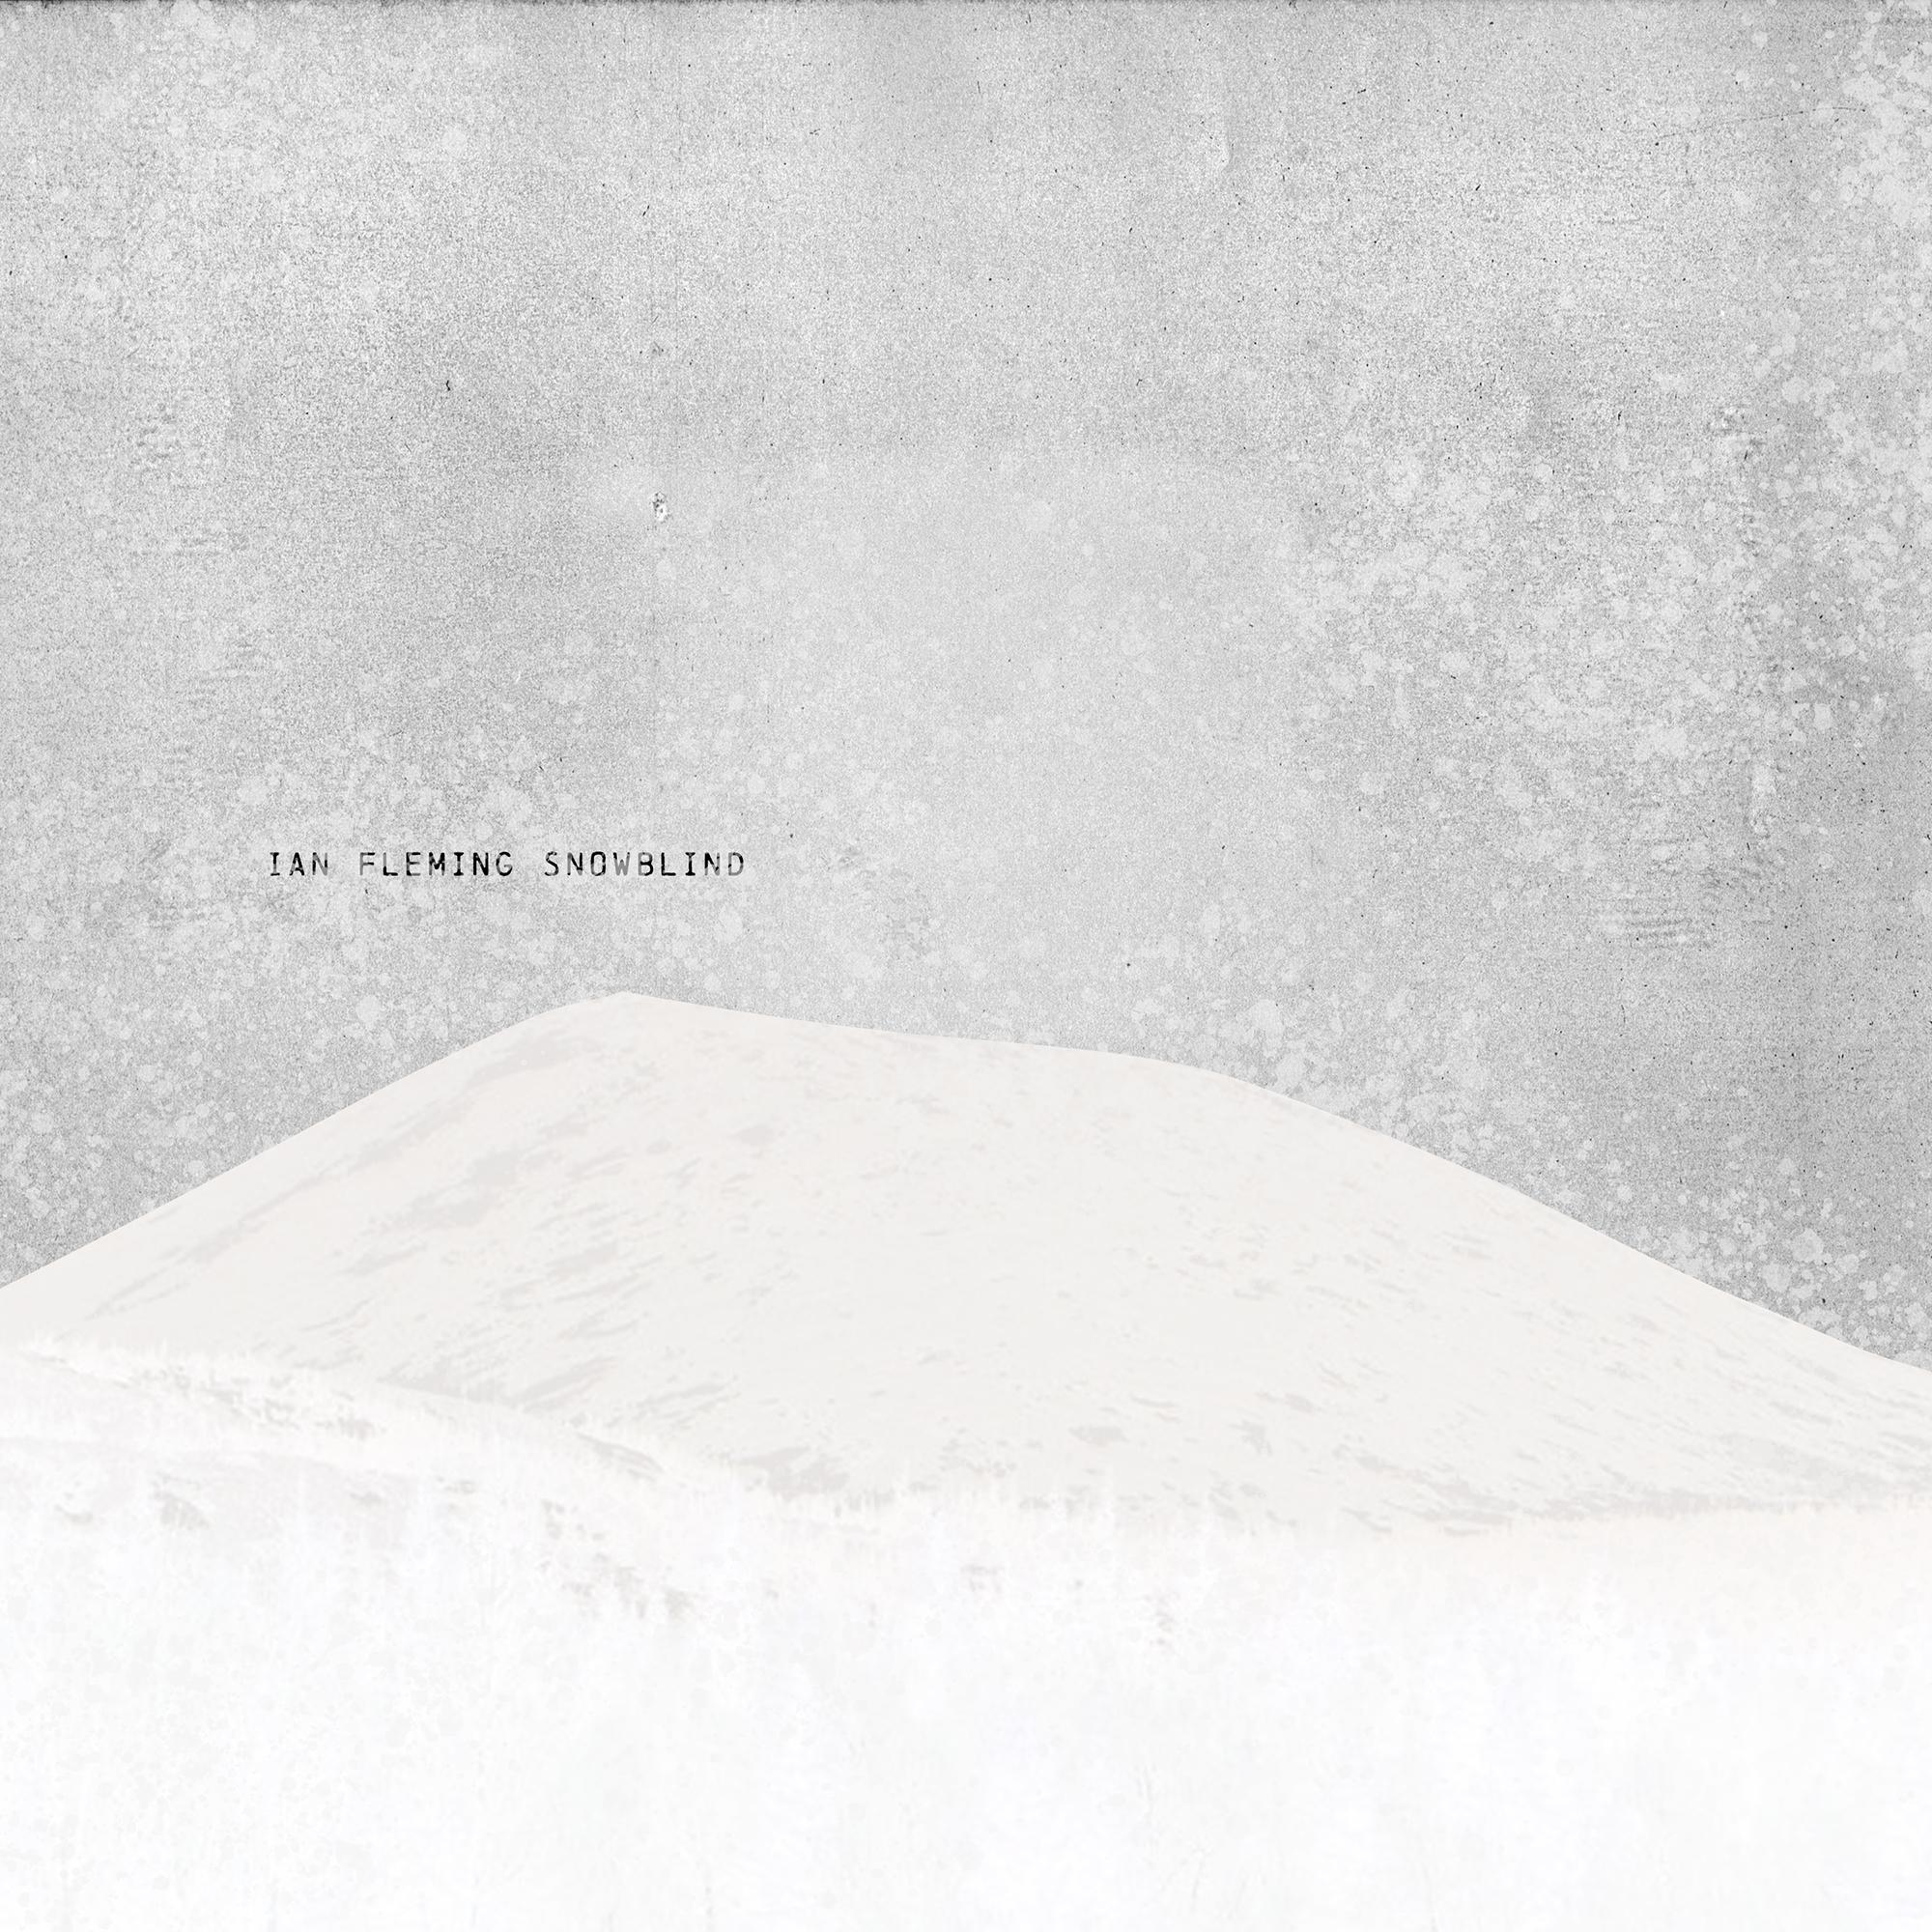 SNOWBLIND v3_small.jpg